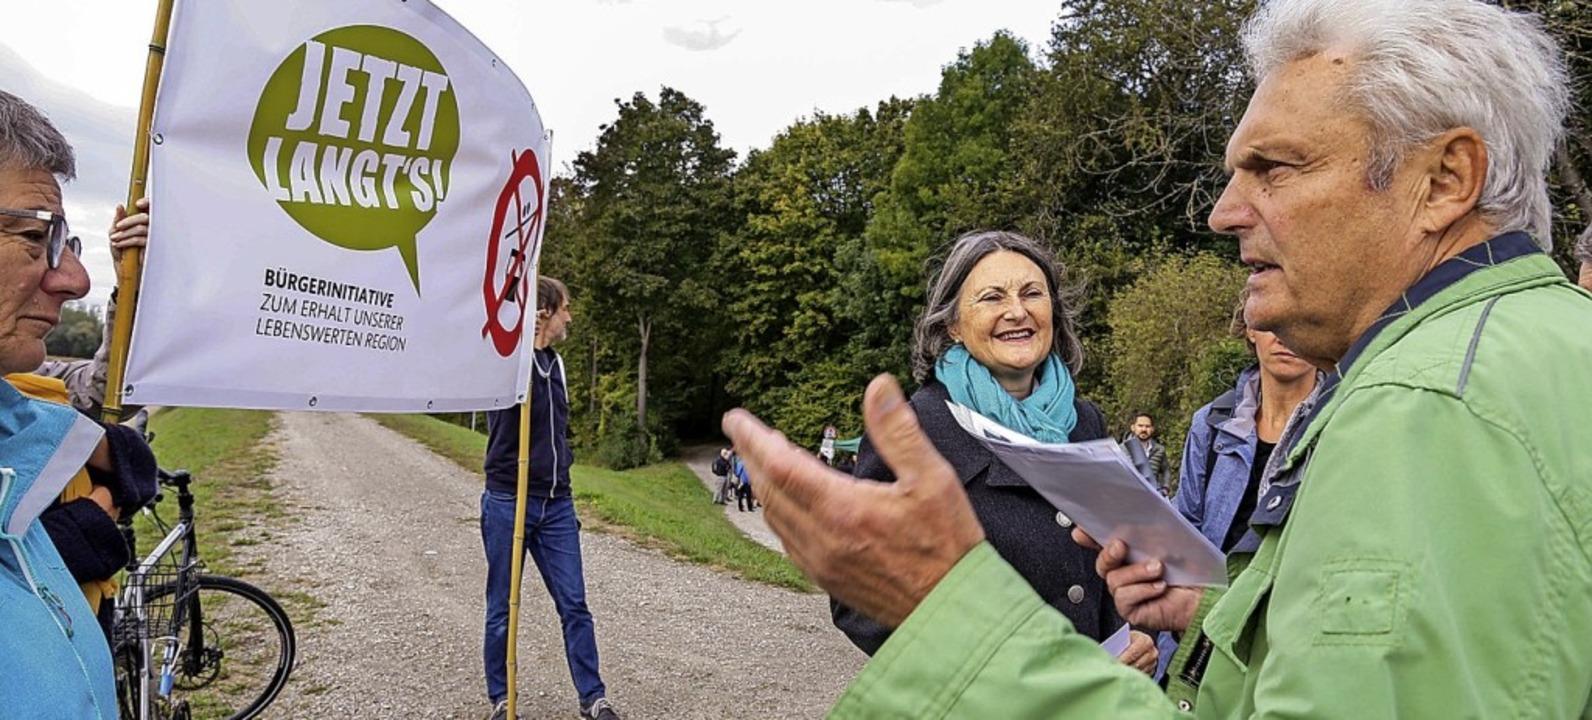 BI-Vertreter nutzten den Termin, um Re...auf ihr Anliegen aufmerksam zu machen.  | Foto: Sandra Decoux-Kone